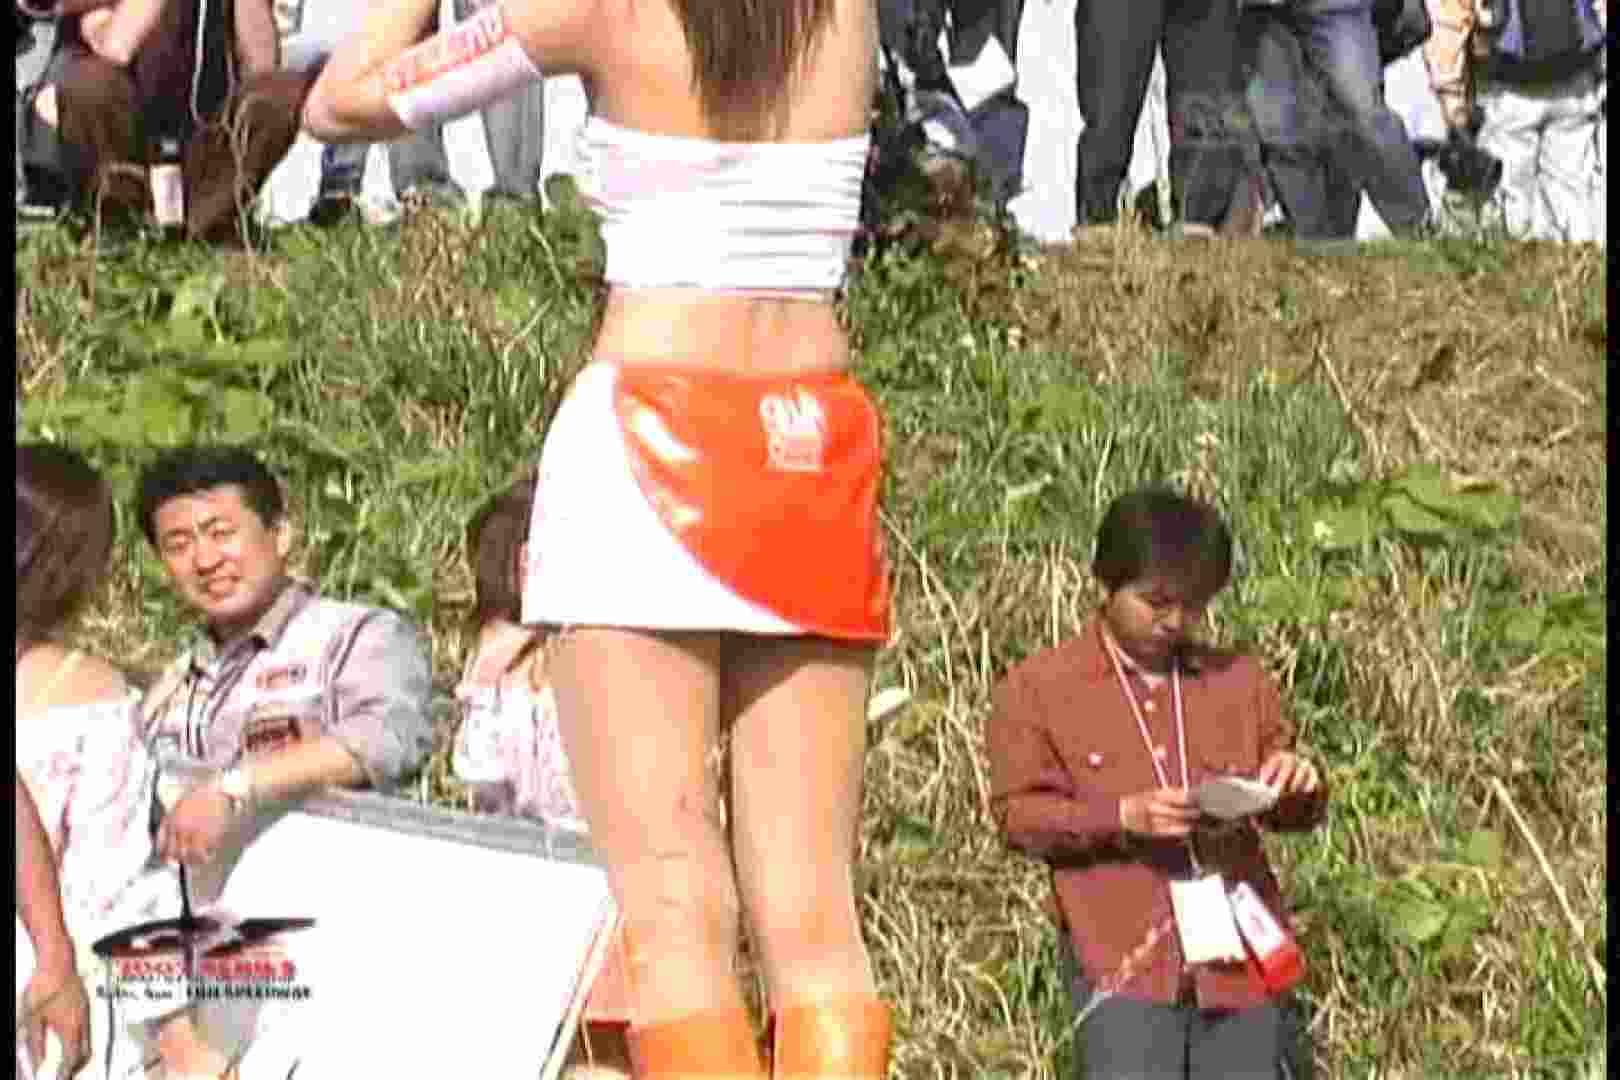 高画質版!SPD-006 サーキットの女神達 Vol.01 OLセックス 盗撮オマンコ無修正動画無料 102画像 22